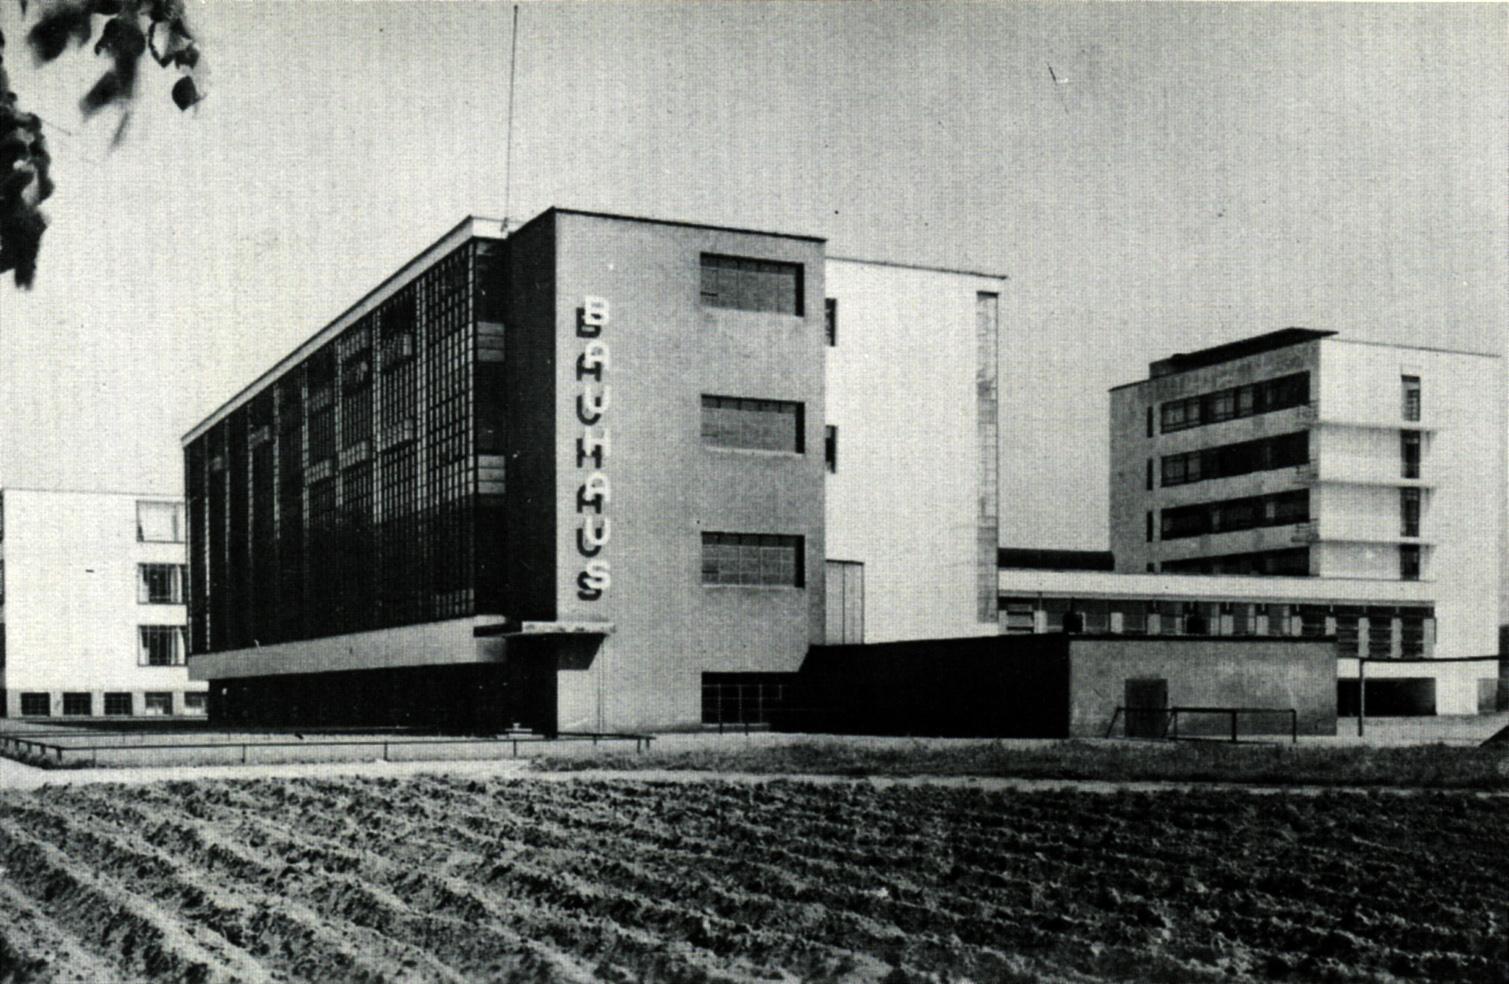 una foto d'epoca del Bauhaus di Weimar